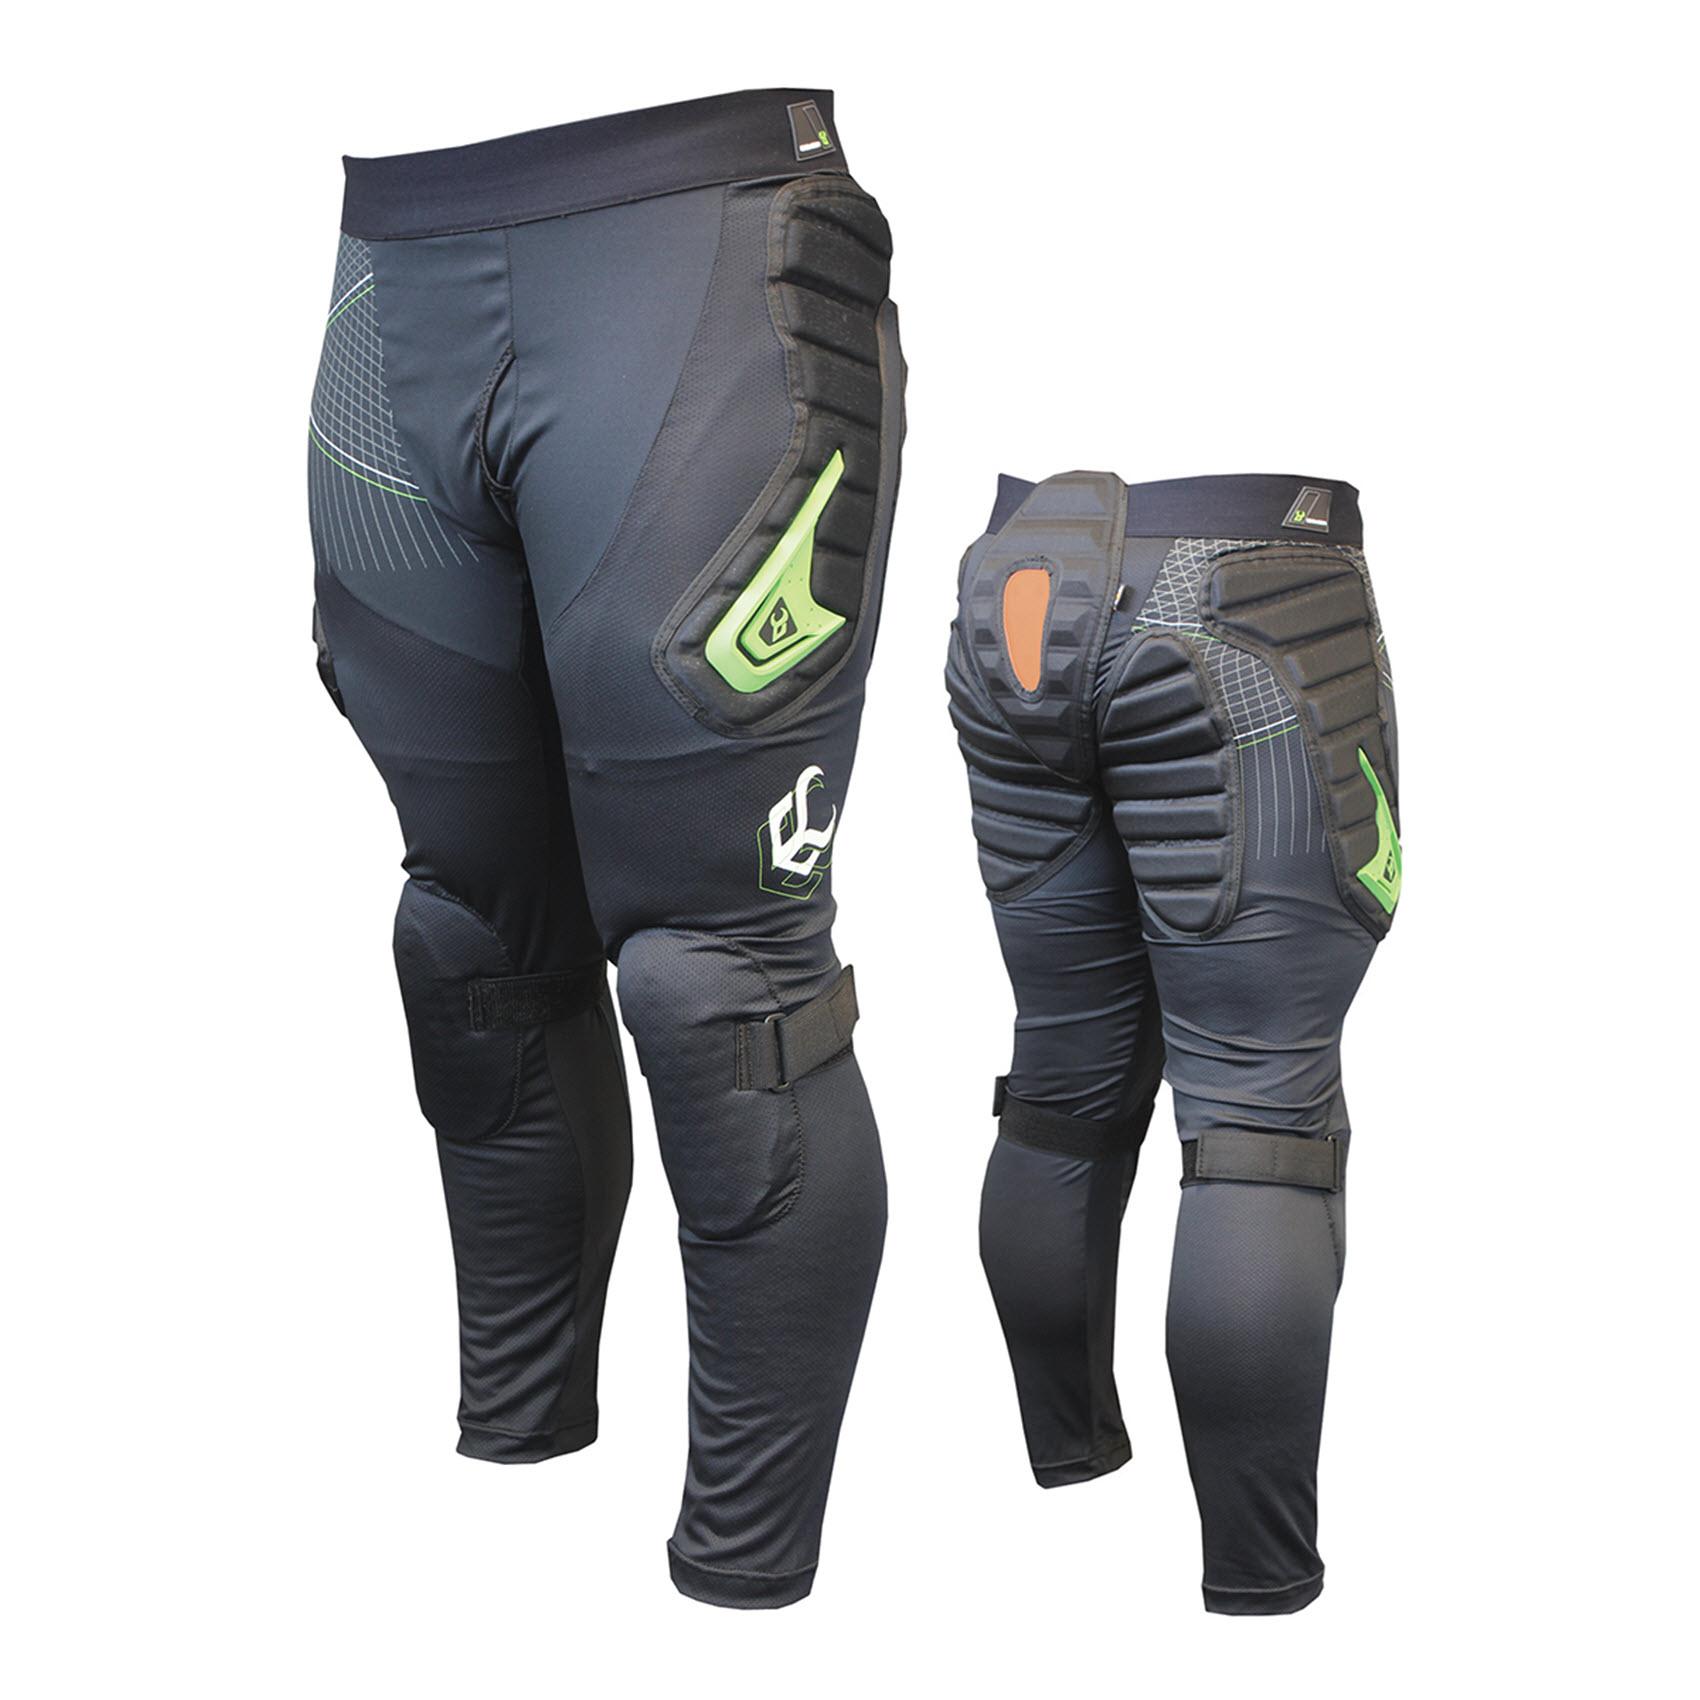 99e4222c4266 Demon Flexforce X D30 Pants